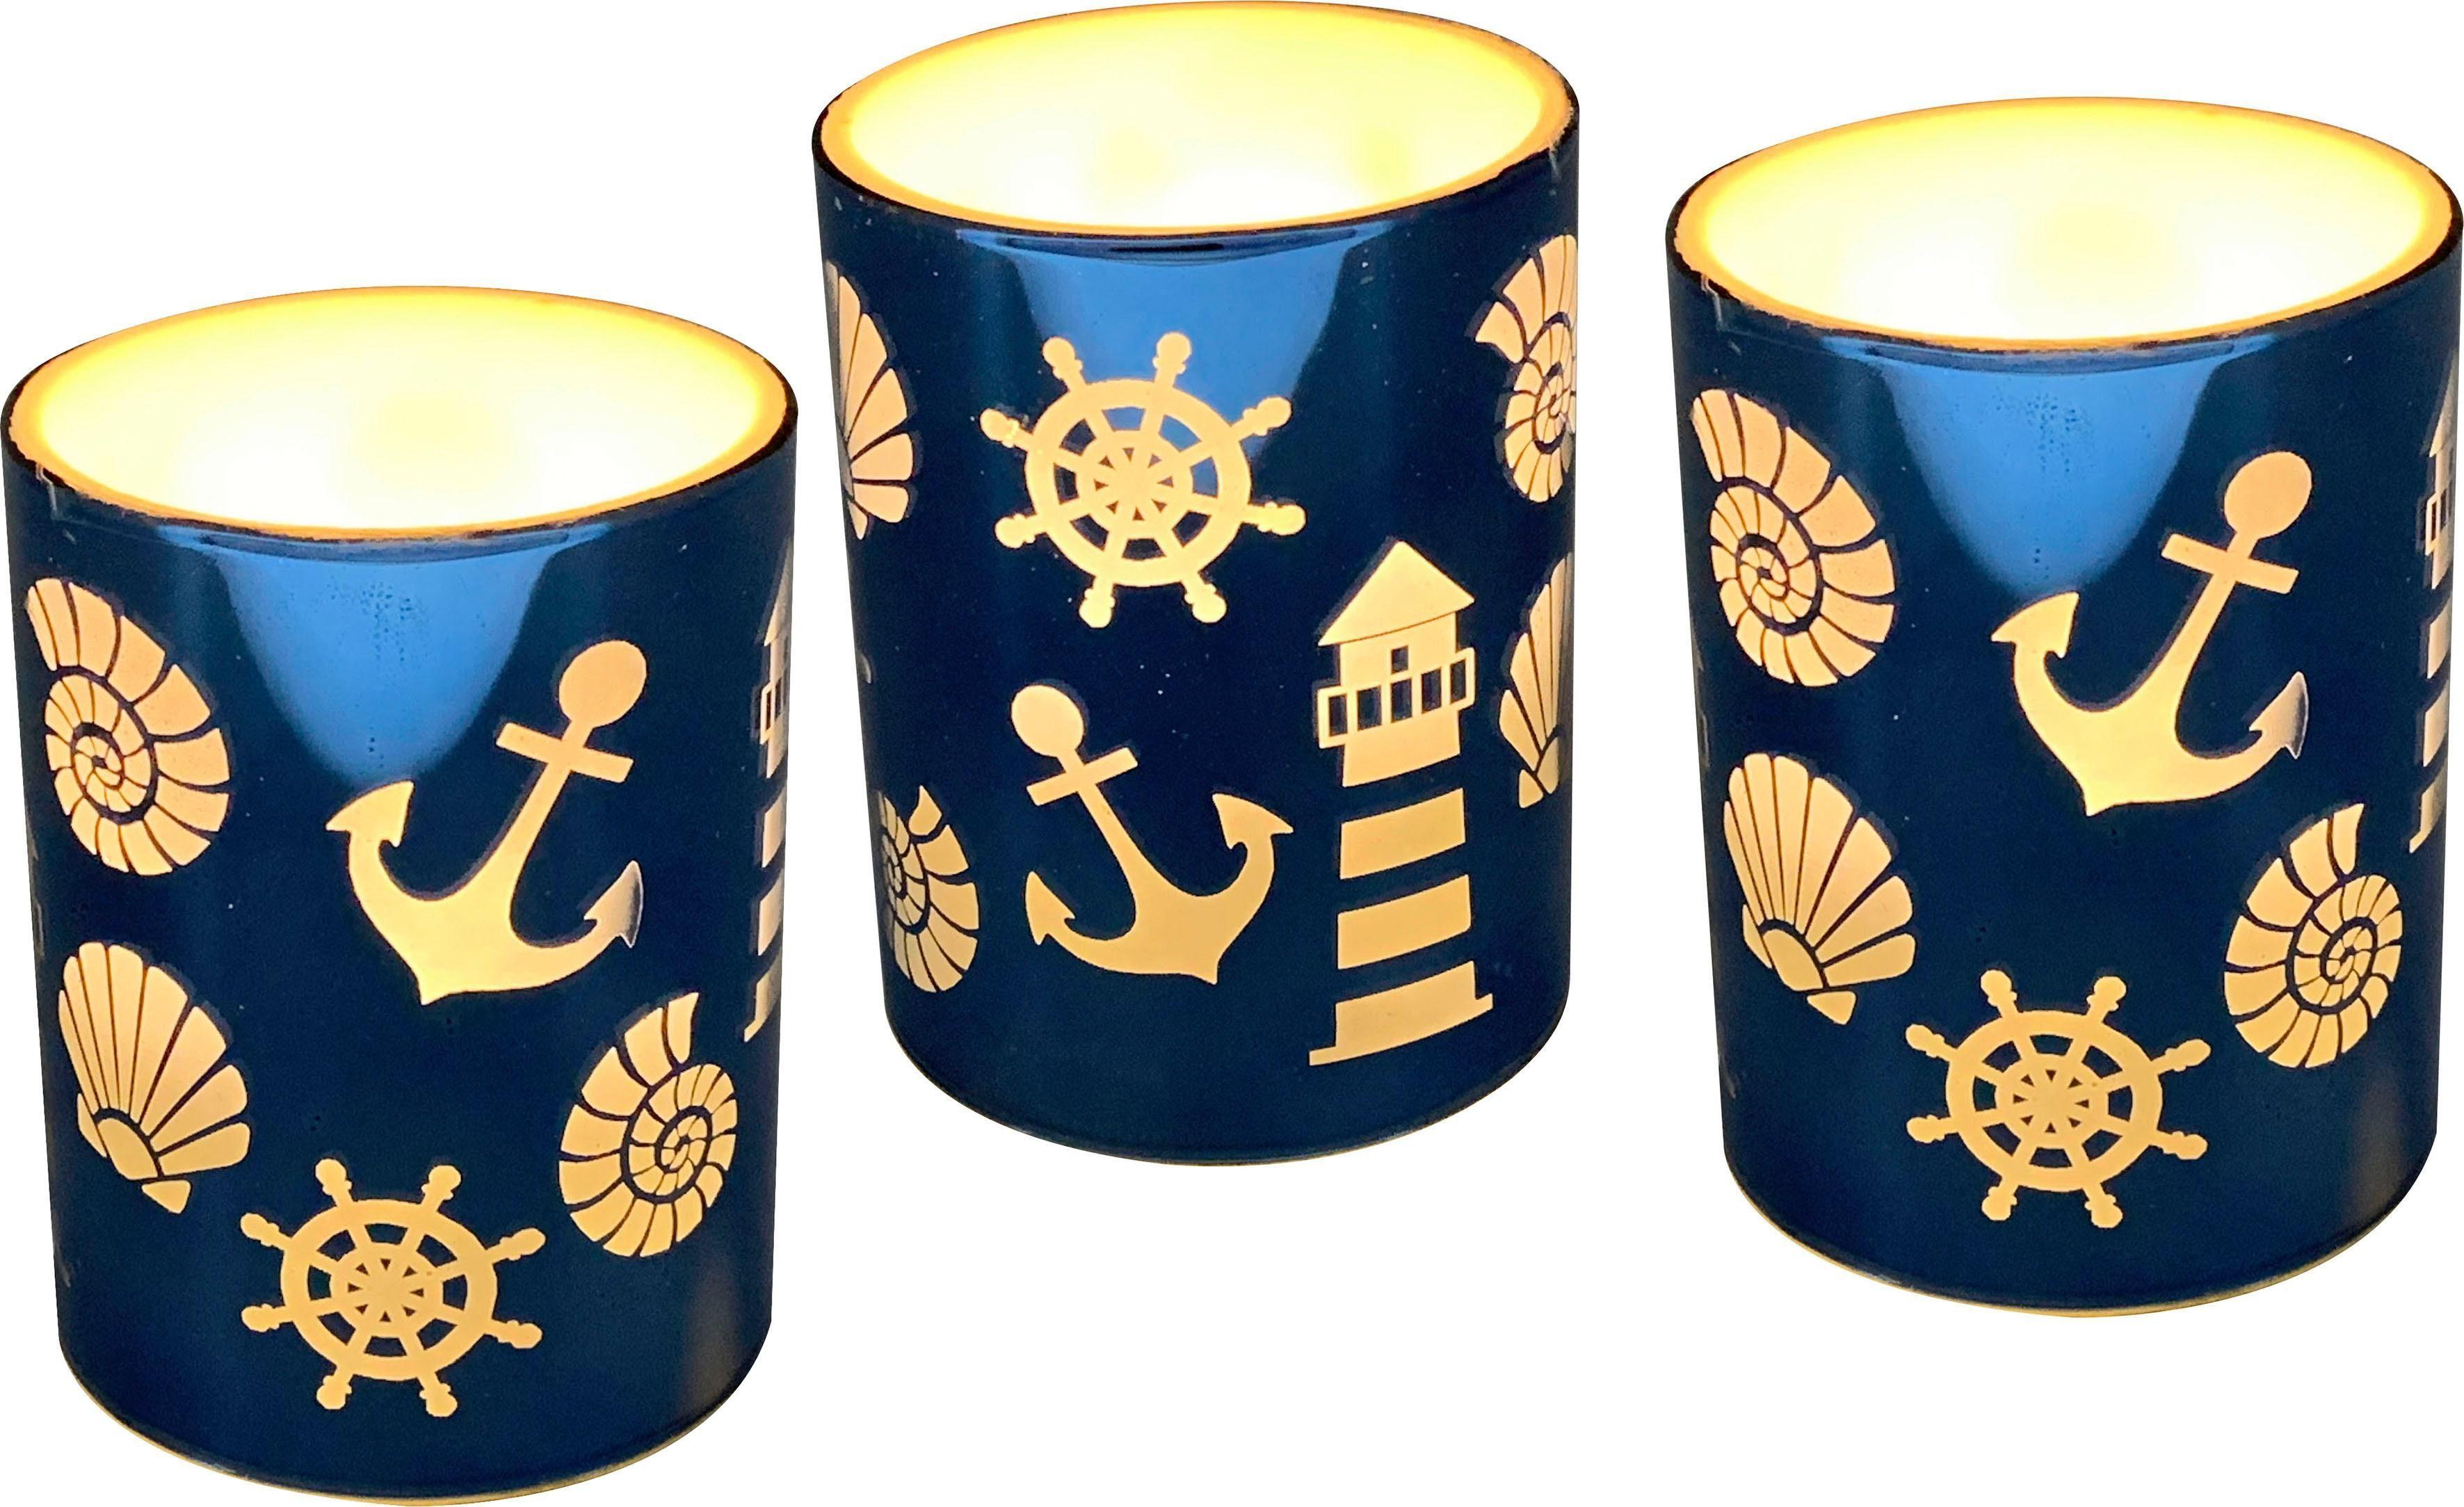 Laterne (Set 3 Stück) Wohnen/Accessoires & Leuchten/Wohnaccessoires/Kerzen & Laternen/Kerzenhalter